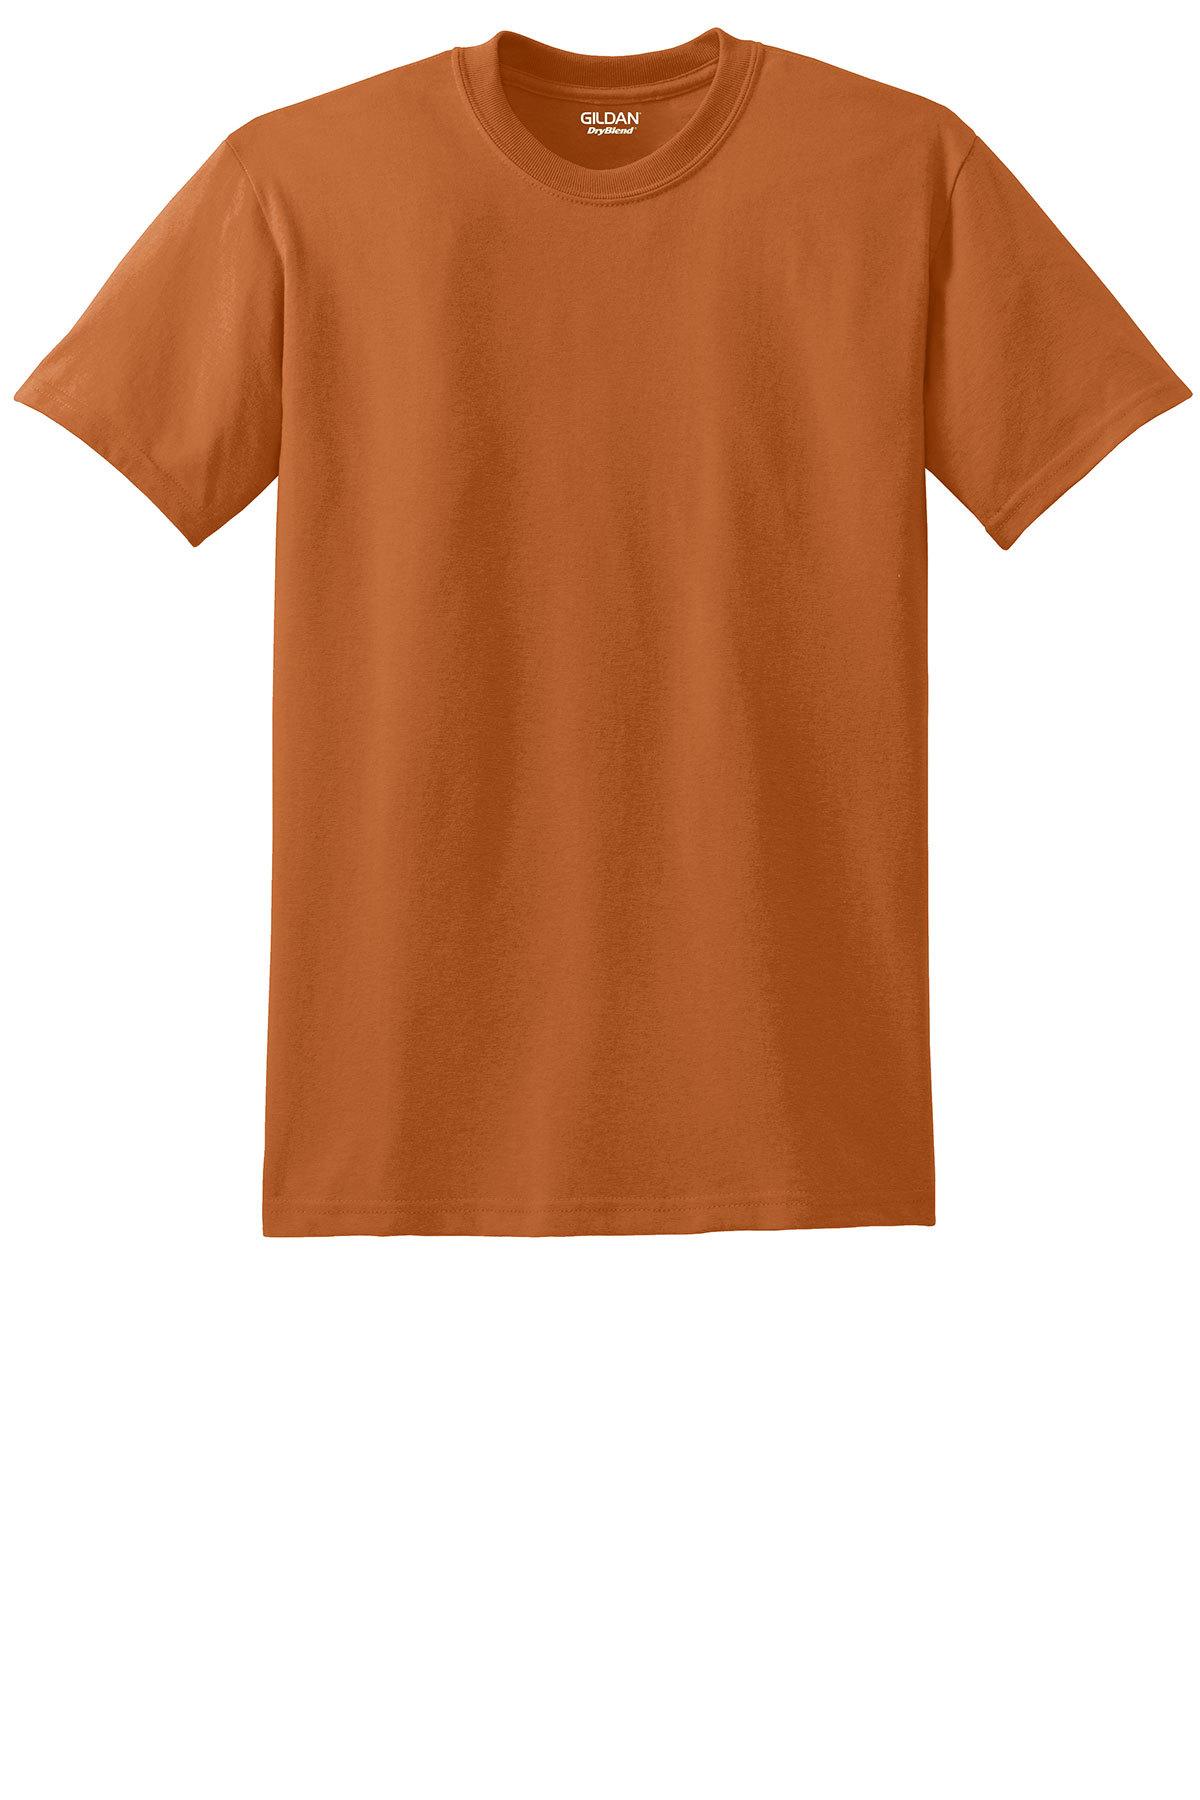 dbb89d759 Gildan® - DryBlend® 50 Cotton/50 Poly T-Shirt | 50/50 Blend | T ...